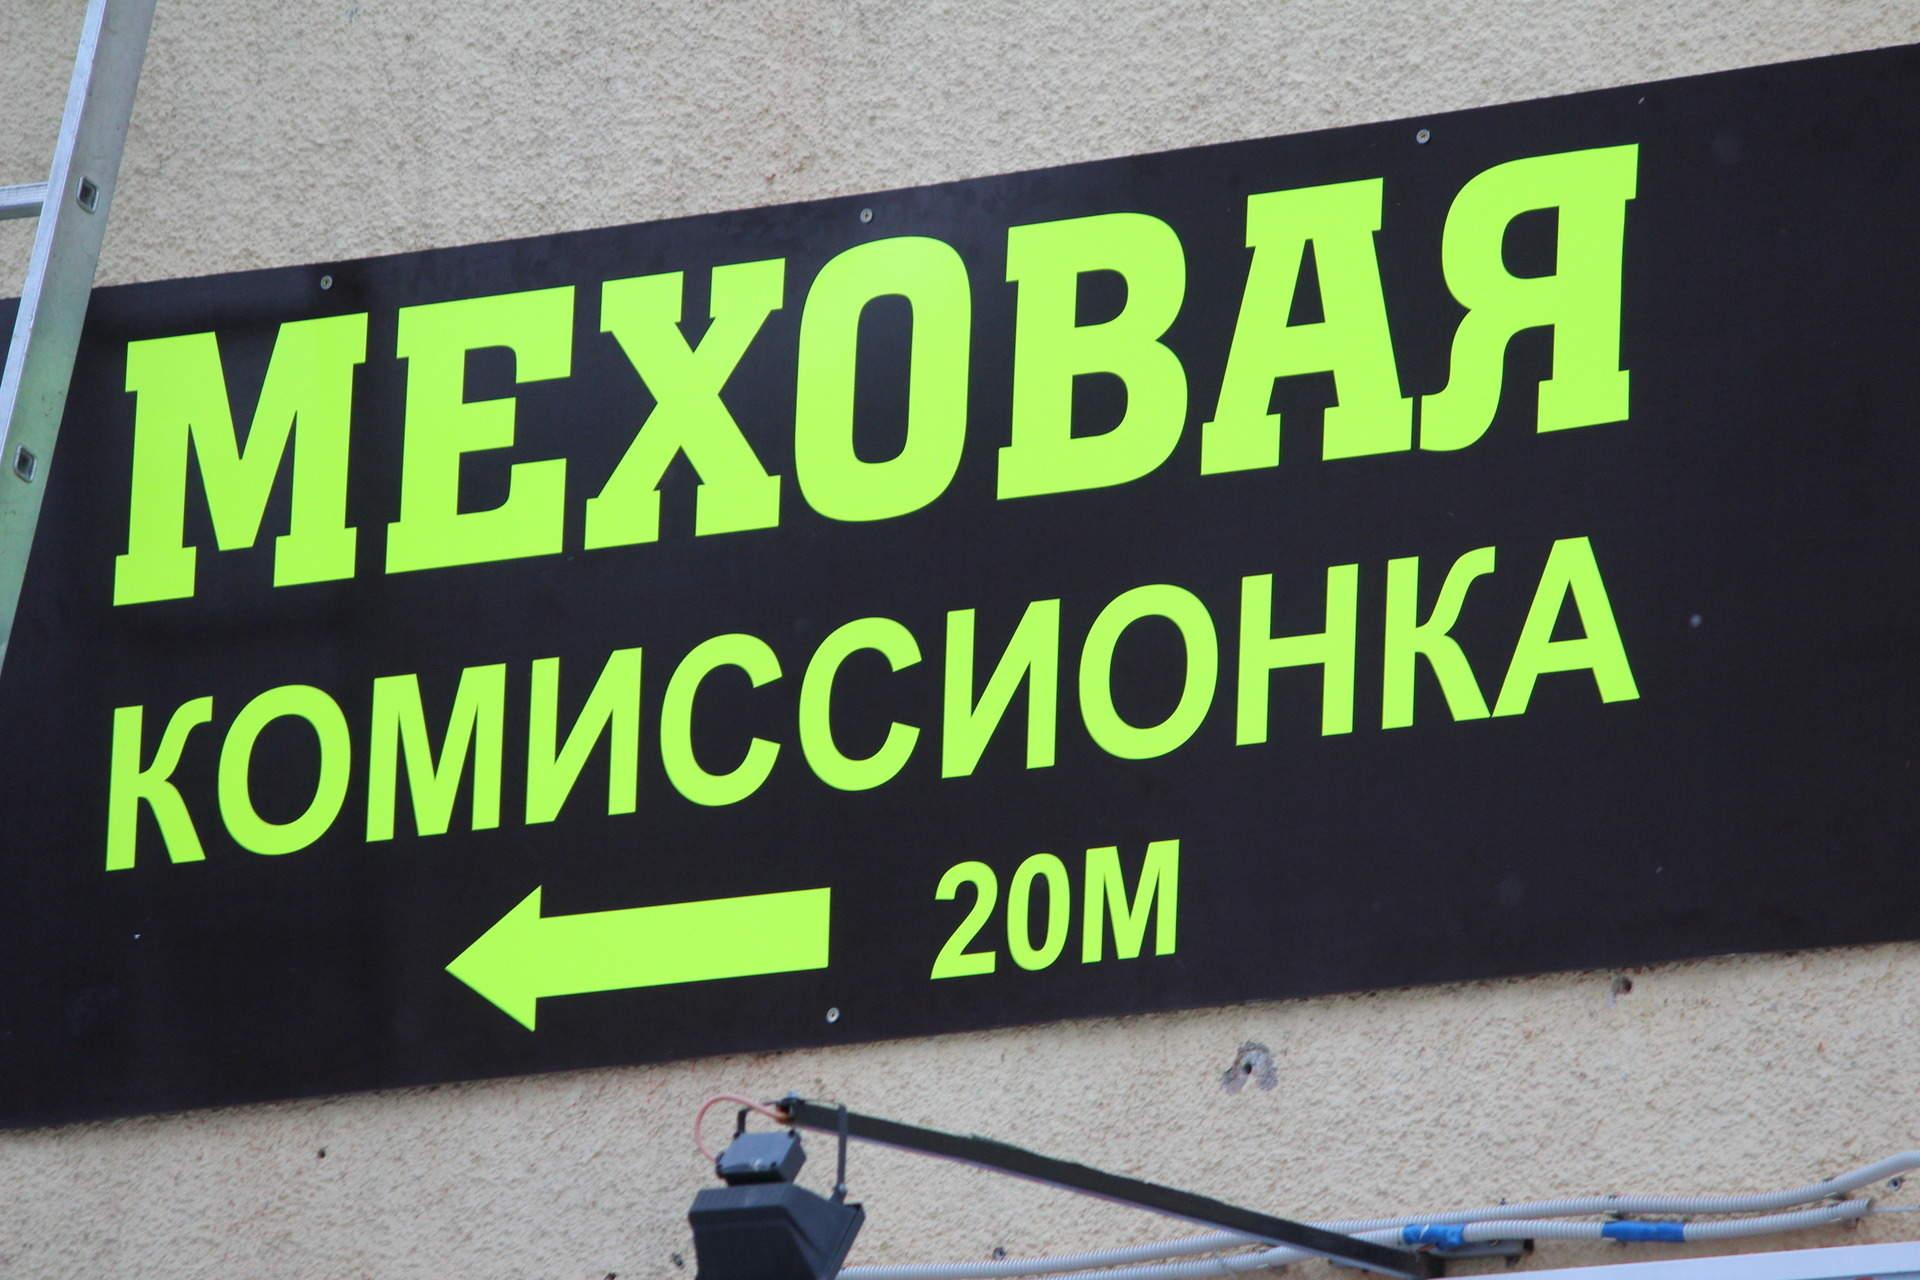 Казахстан испания футзал трансляция